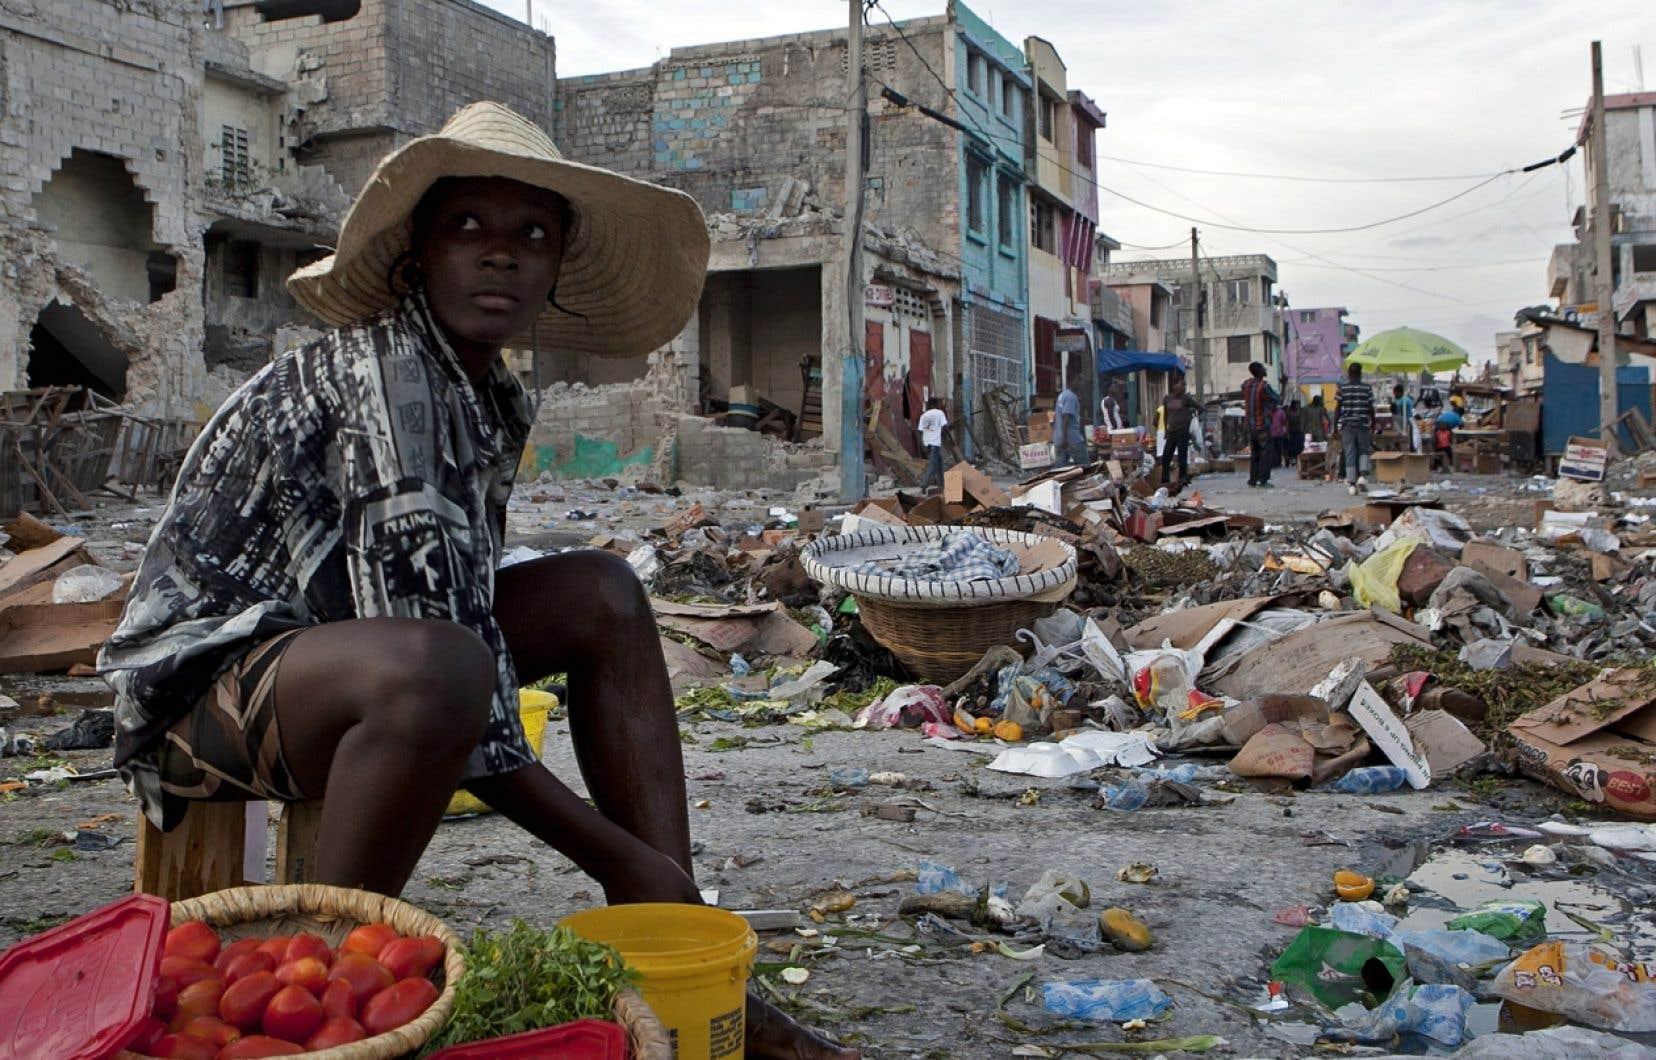 Les pays en développement, comme Haïti (sur la photo), sont plus touchés par les pertes alimentaires durant la production agricole, alors que les régions à revenus moyens et élevés sont plus concernées par le gaspillage dans les commerces de détail et chez les consommateurs.